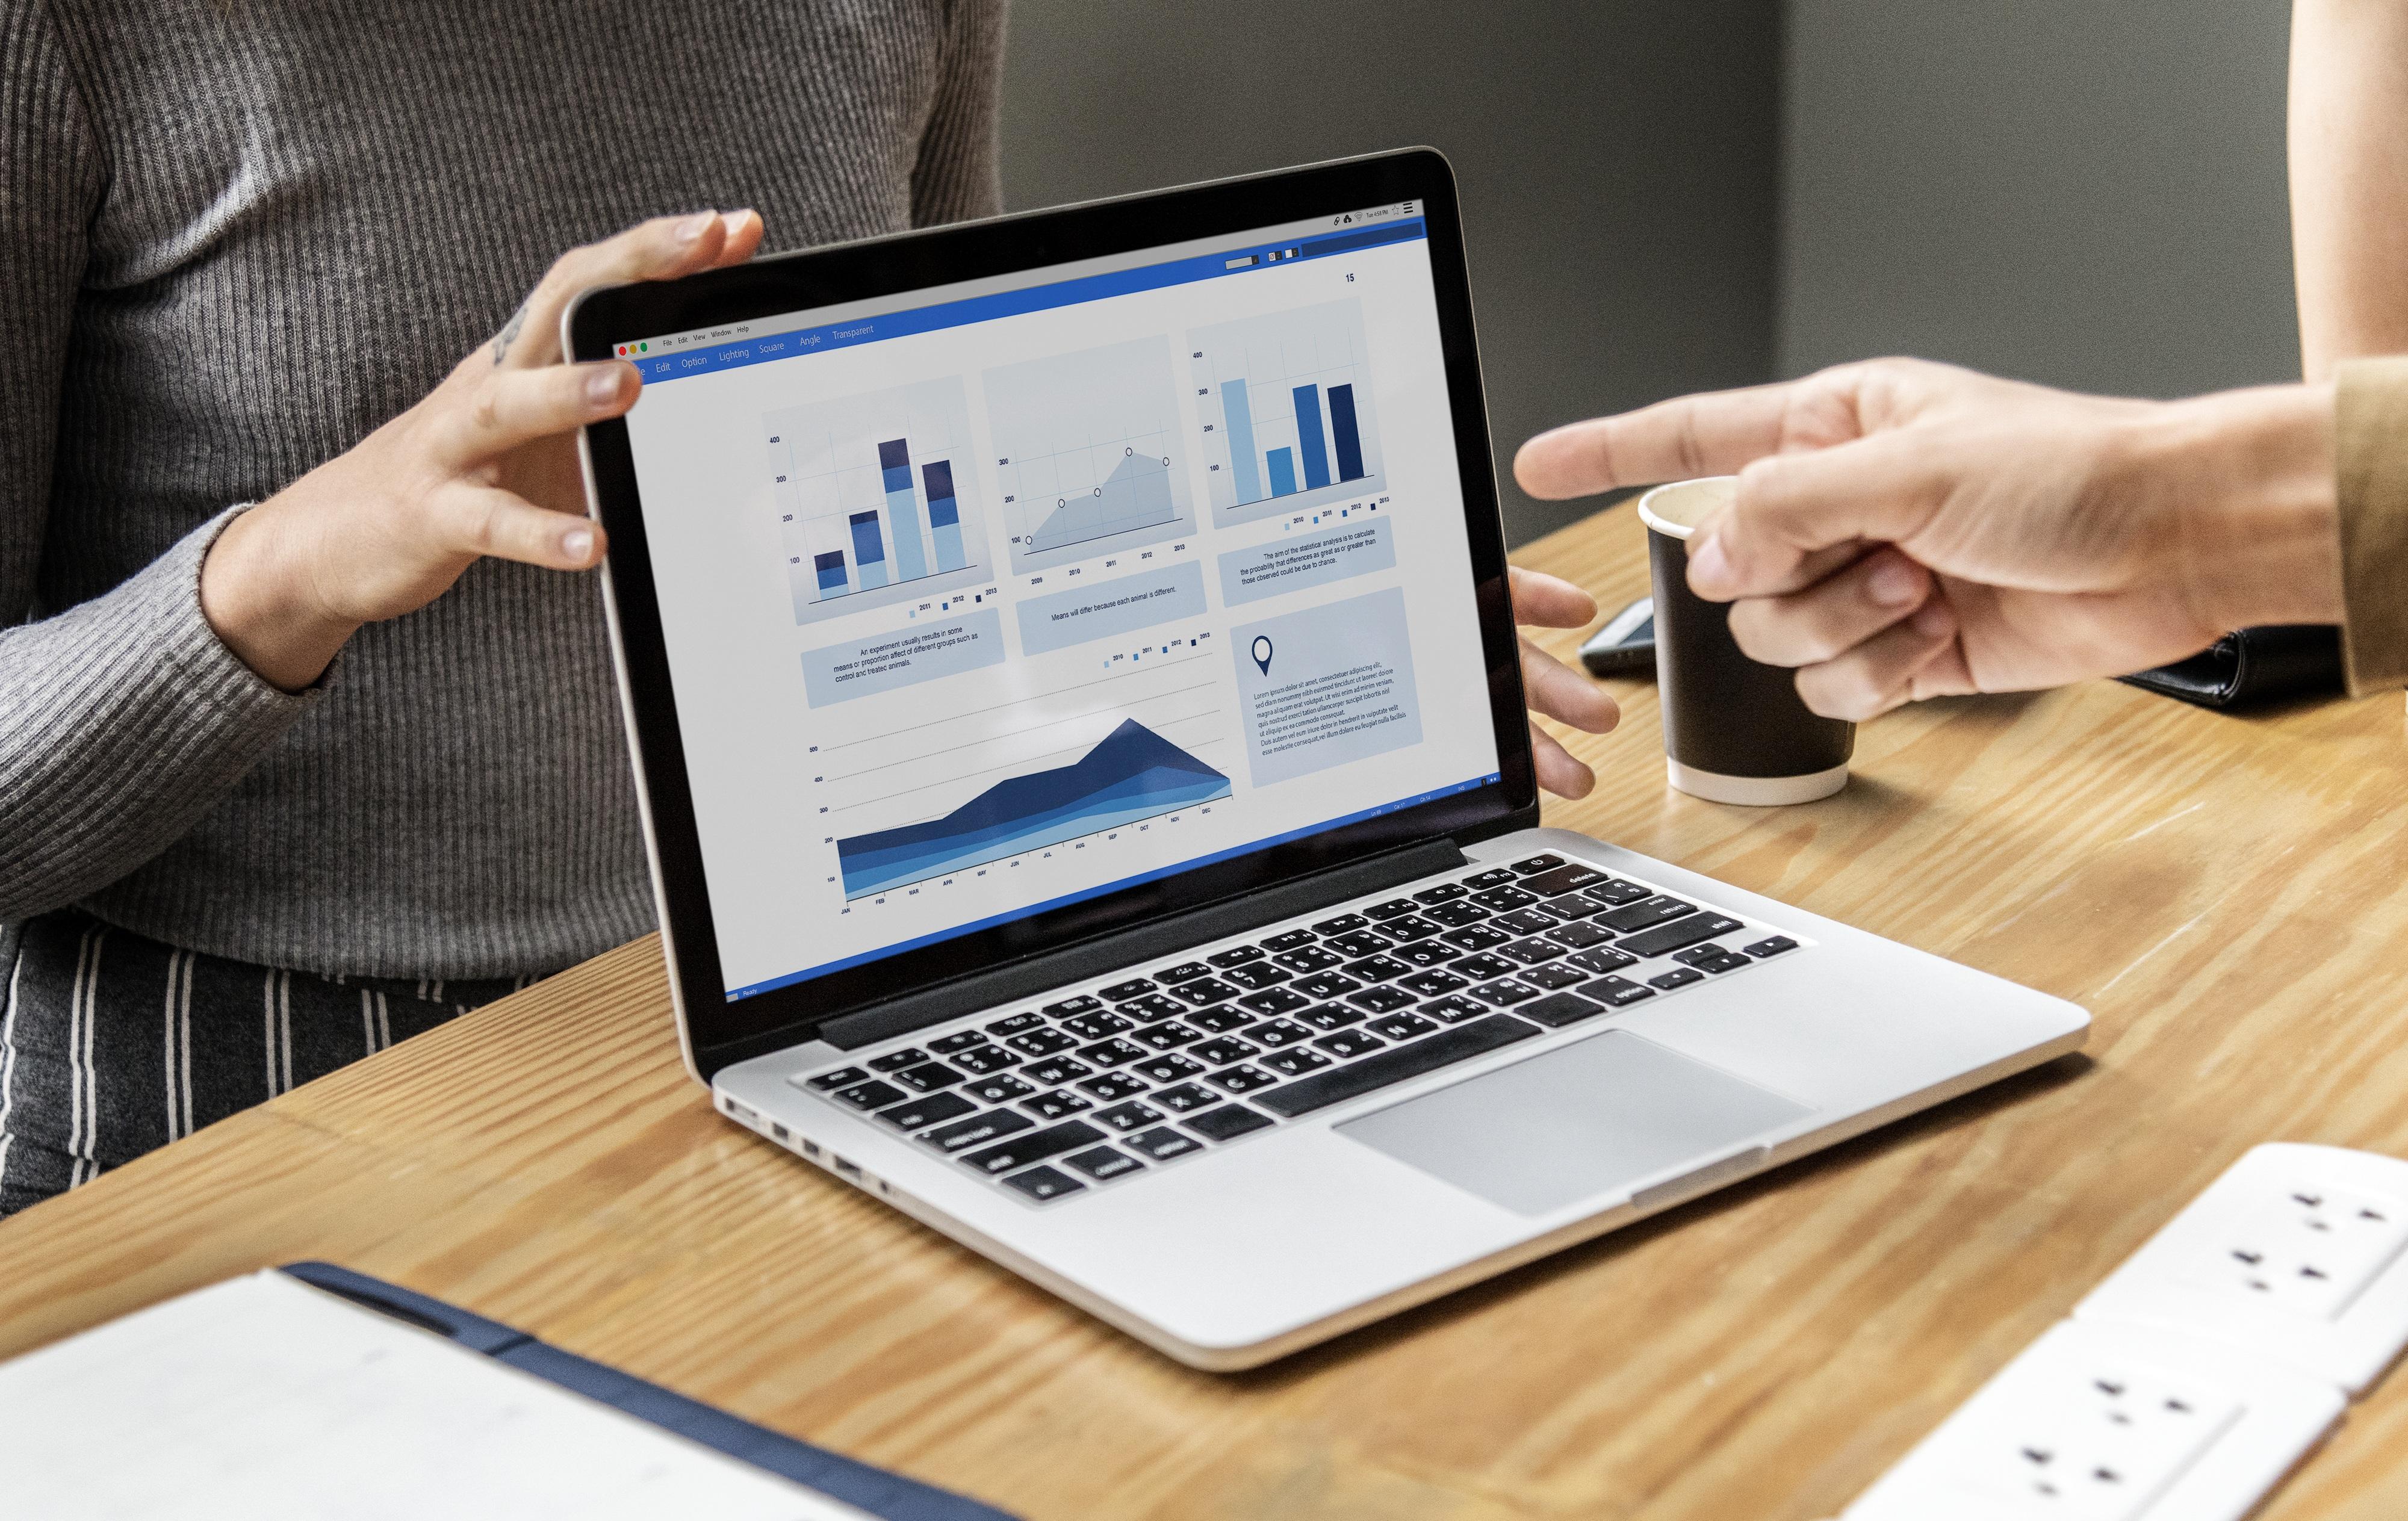 Hur framgångsrika företag använder BI för uppföljning och analys